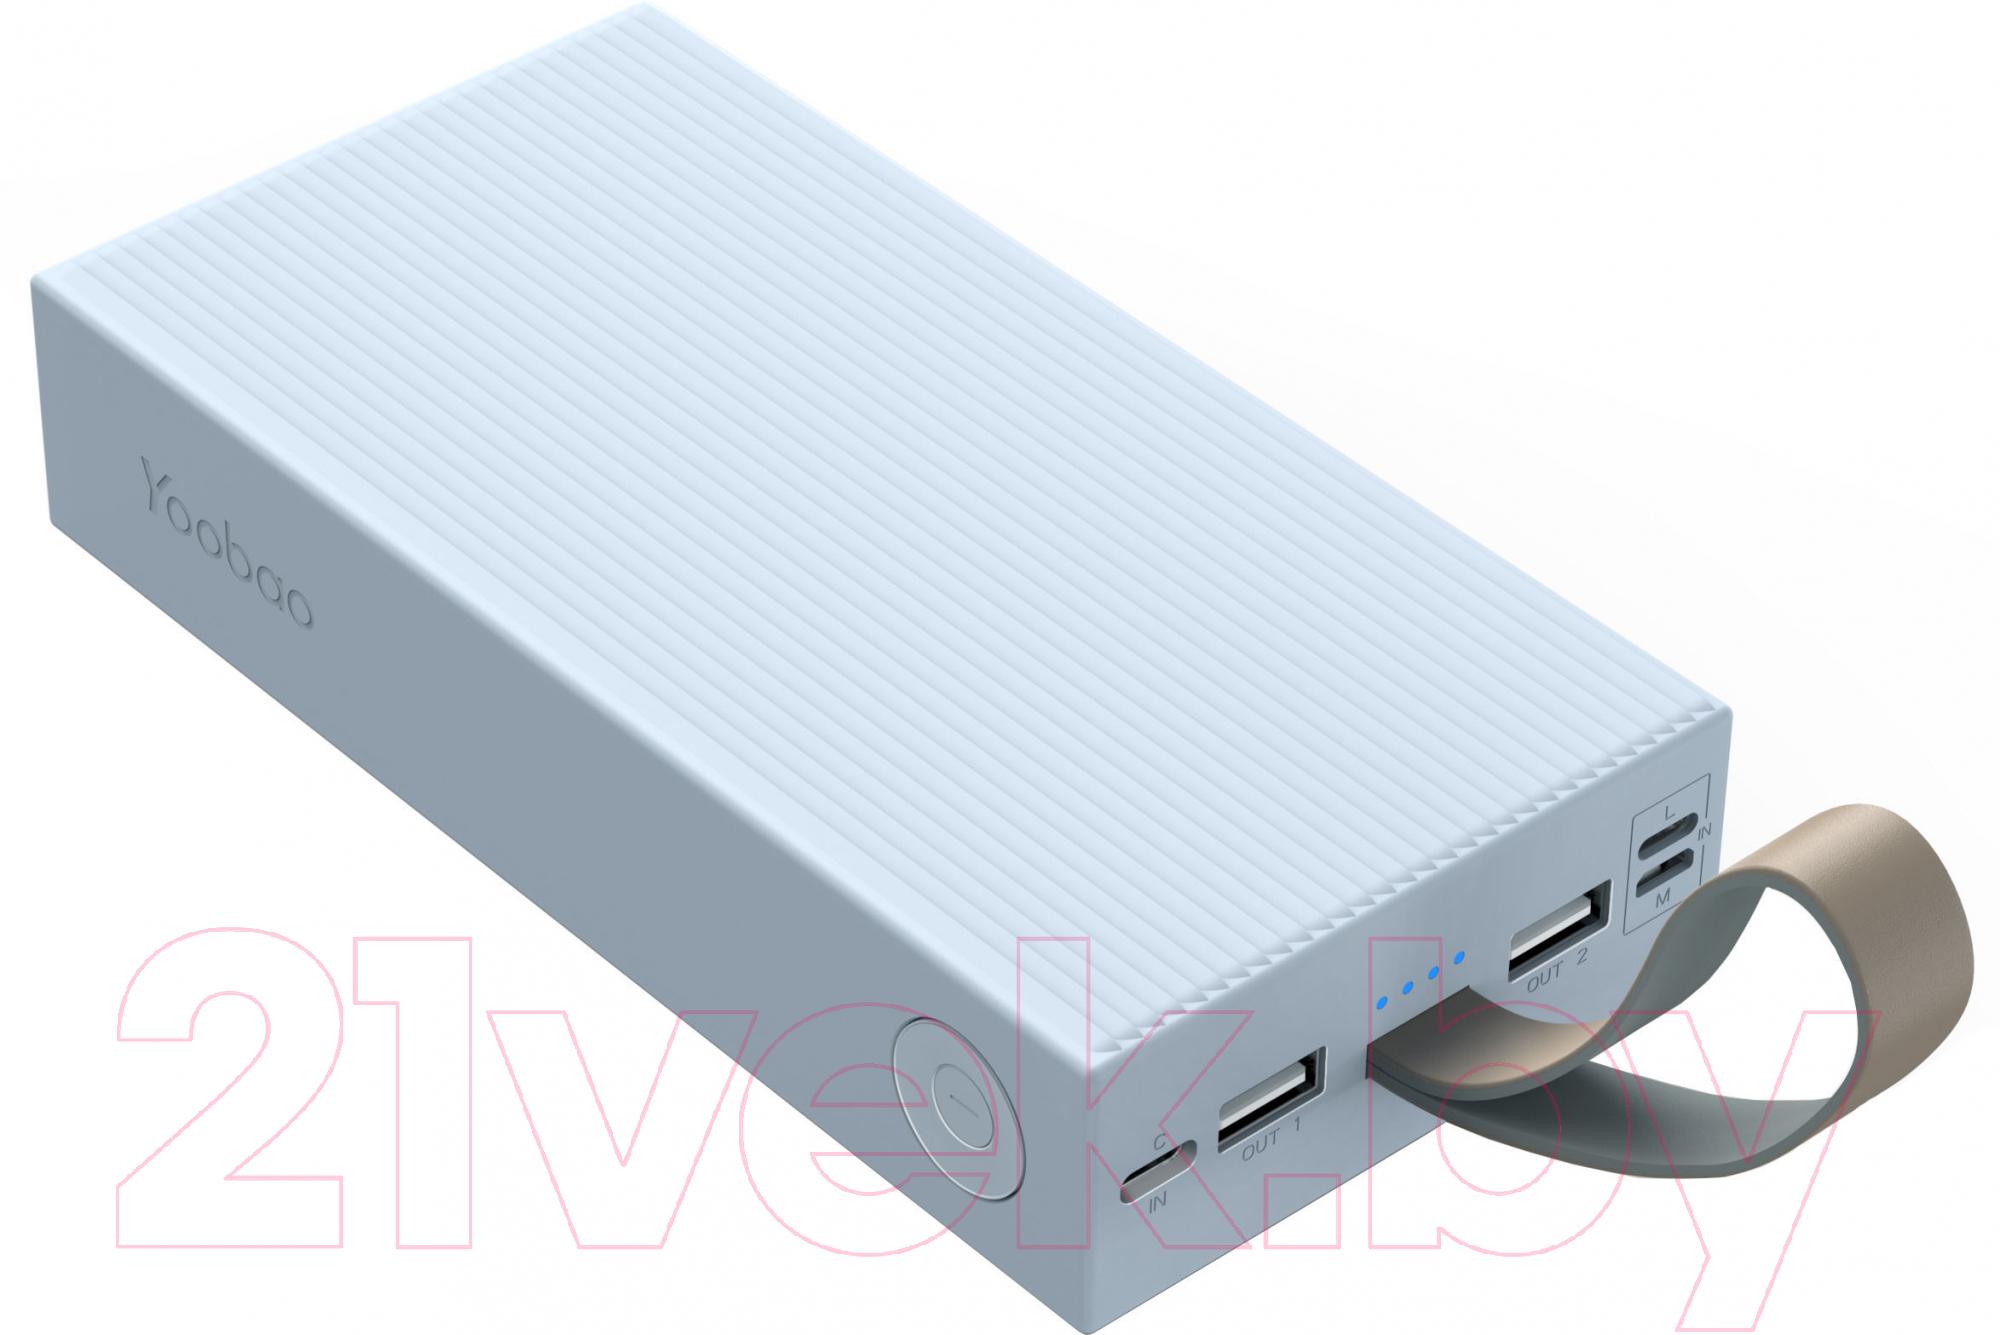 Купить Портативное зарядное устройство Yoobao, Power Bank 30E (30000 мАч, голубой), Китай